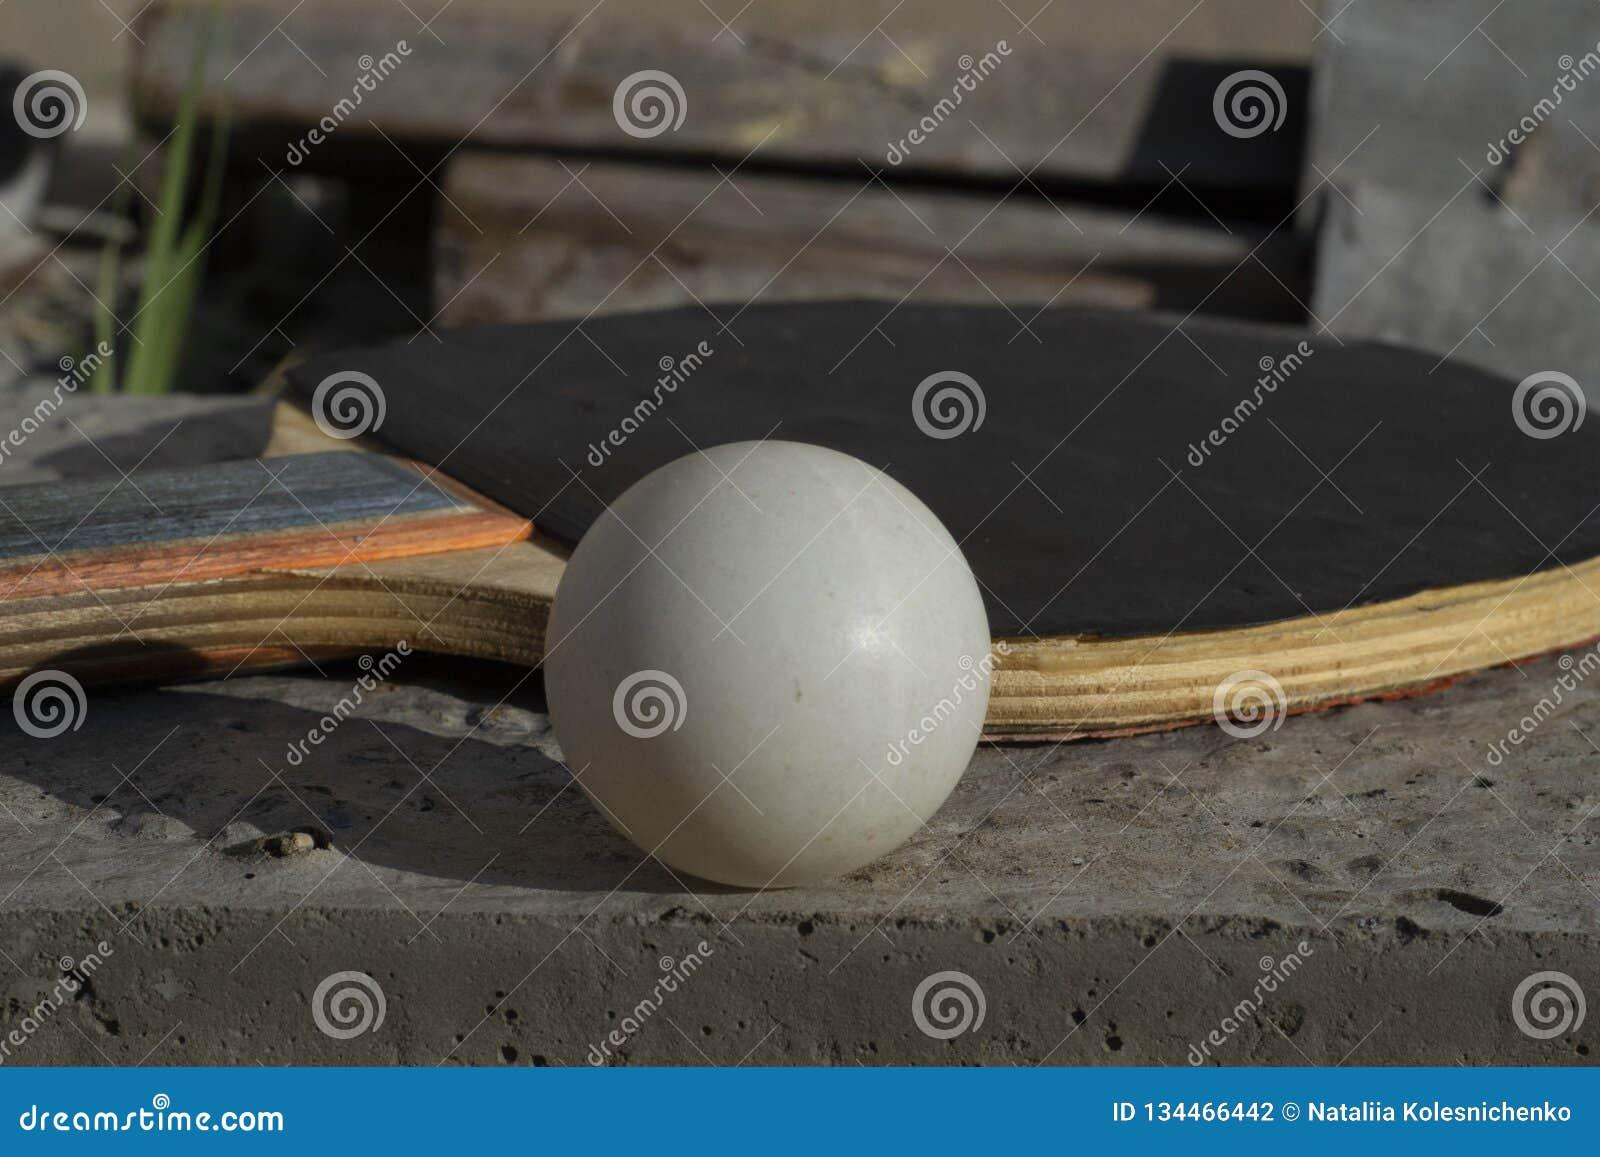 Close-up van een racket en een bal voor het spelen van pingpong met een zachte achtergrond